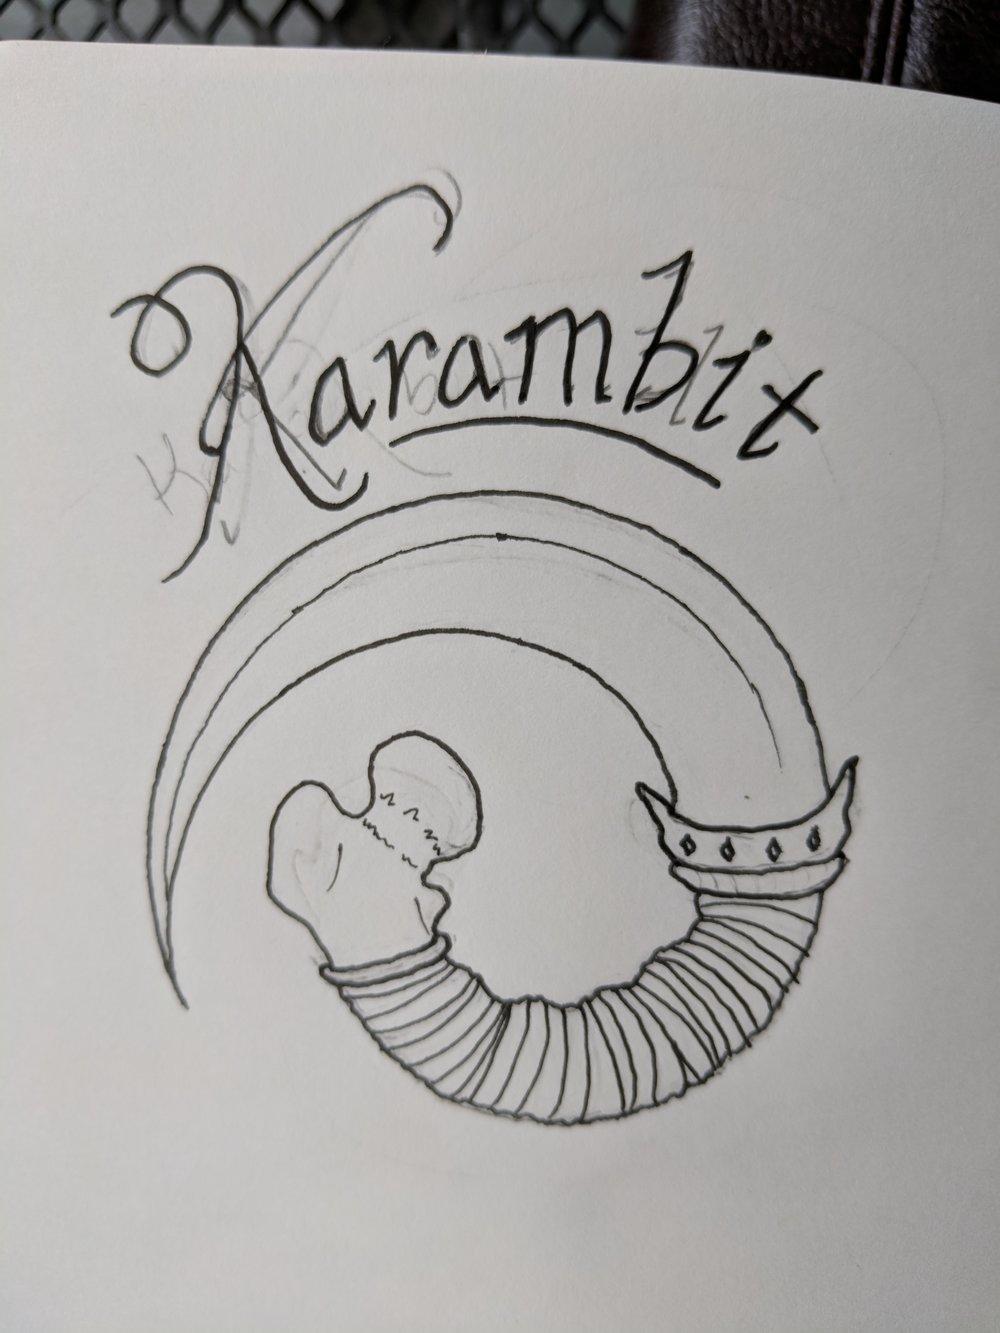 Karambit, 2018